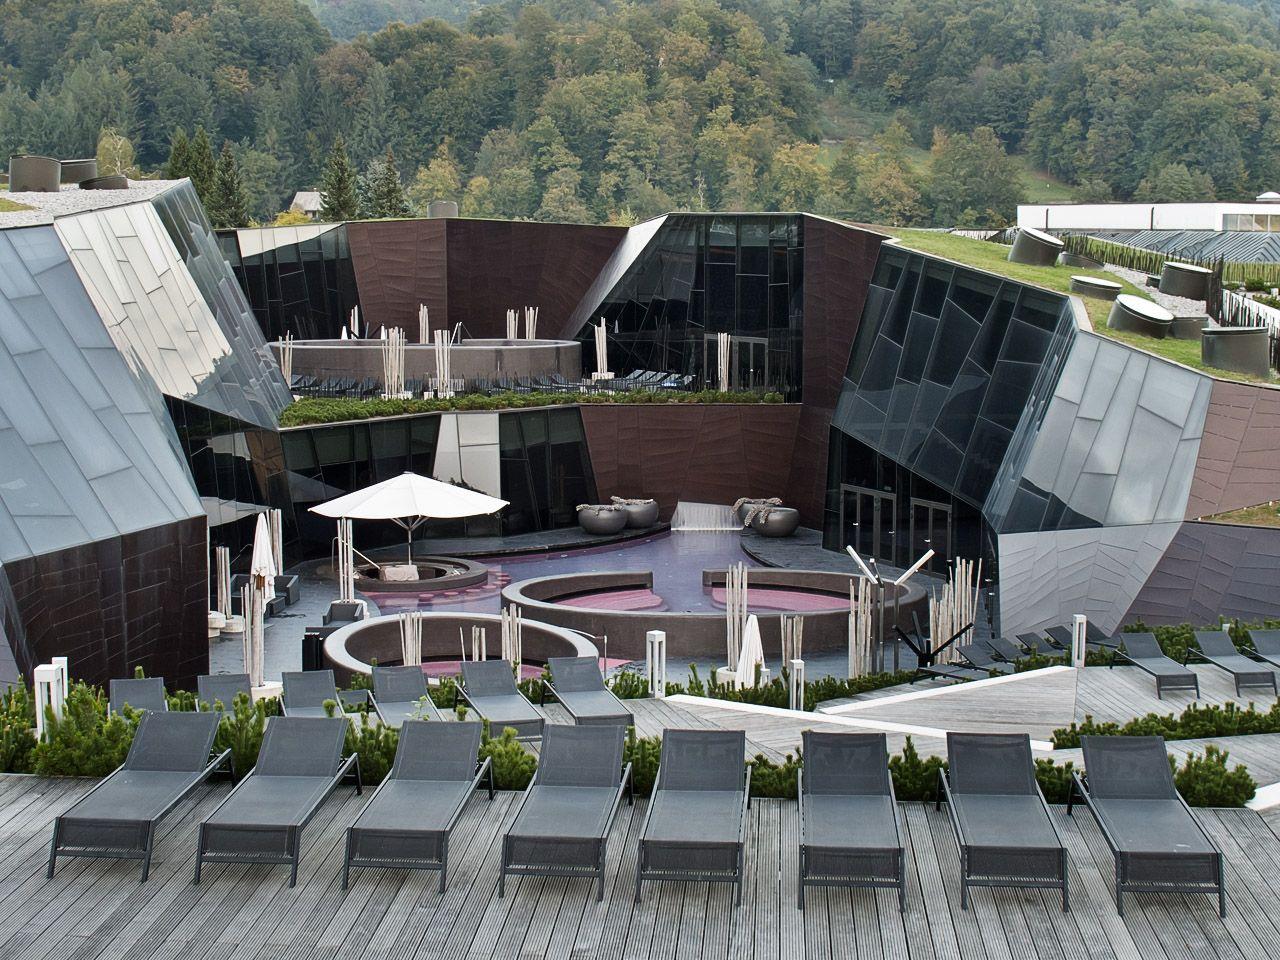 Pin On Sloveenia Beauty